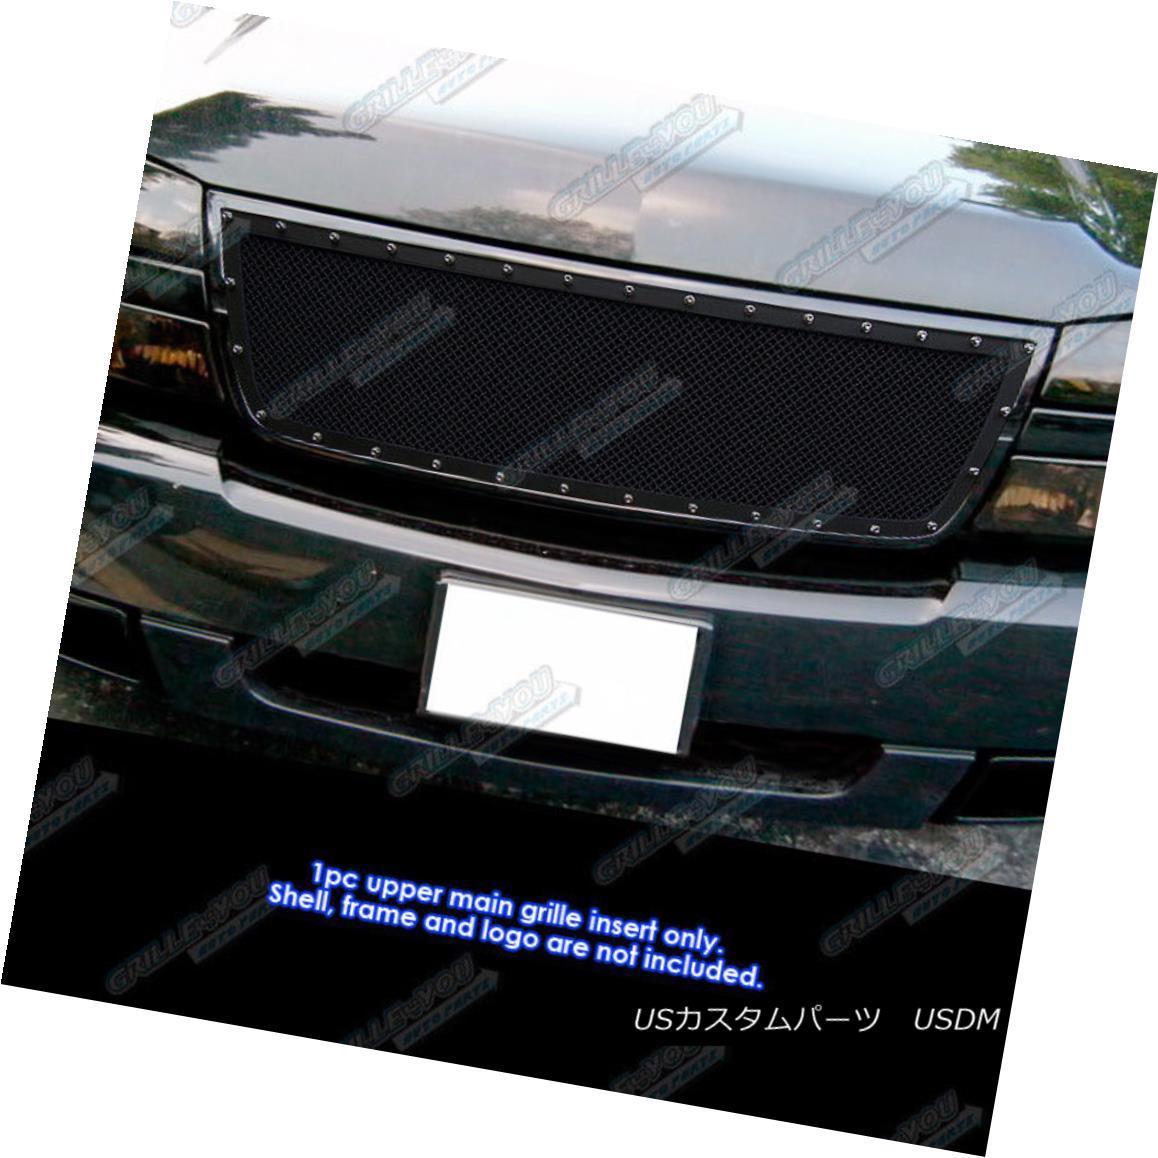 グリル 06 Chevy Silverado 1500/05-06 2500/3500 Rivet Black Mesh Grille Grill Insert 06 Chevy Silverado 1500 / 05-06 2500/3500リベットブラックメッシュグリルグリルインサート